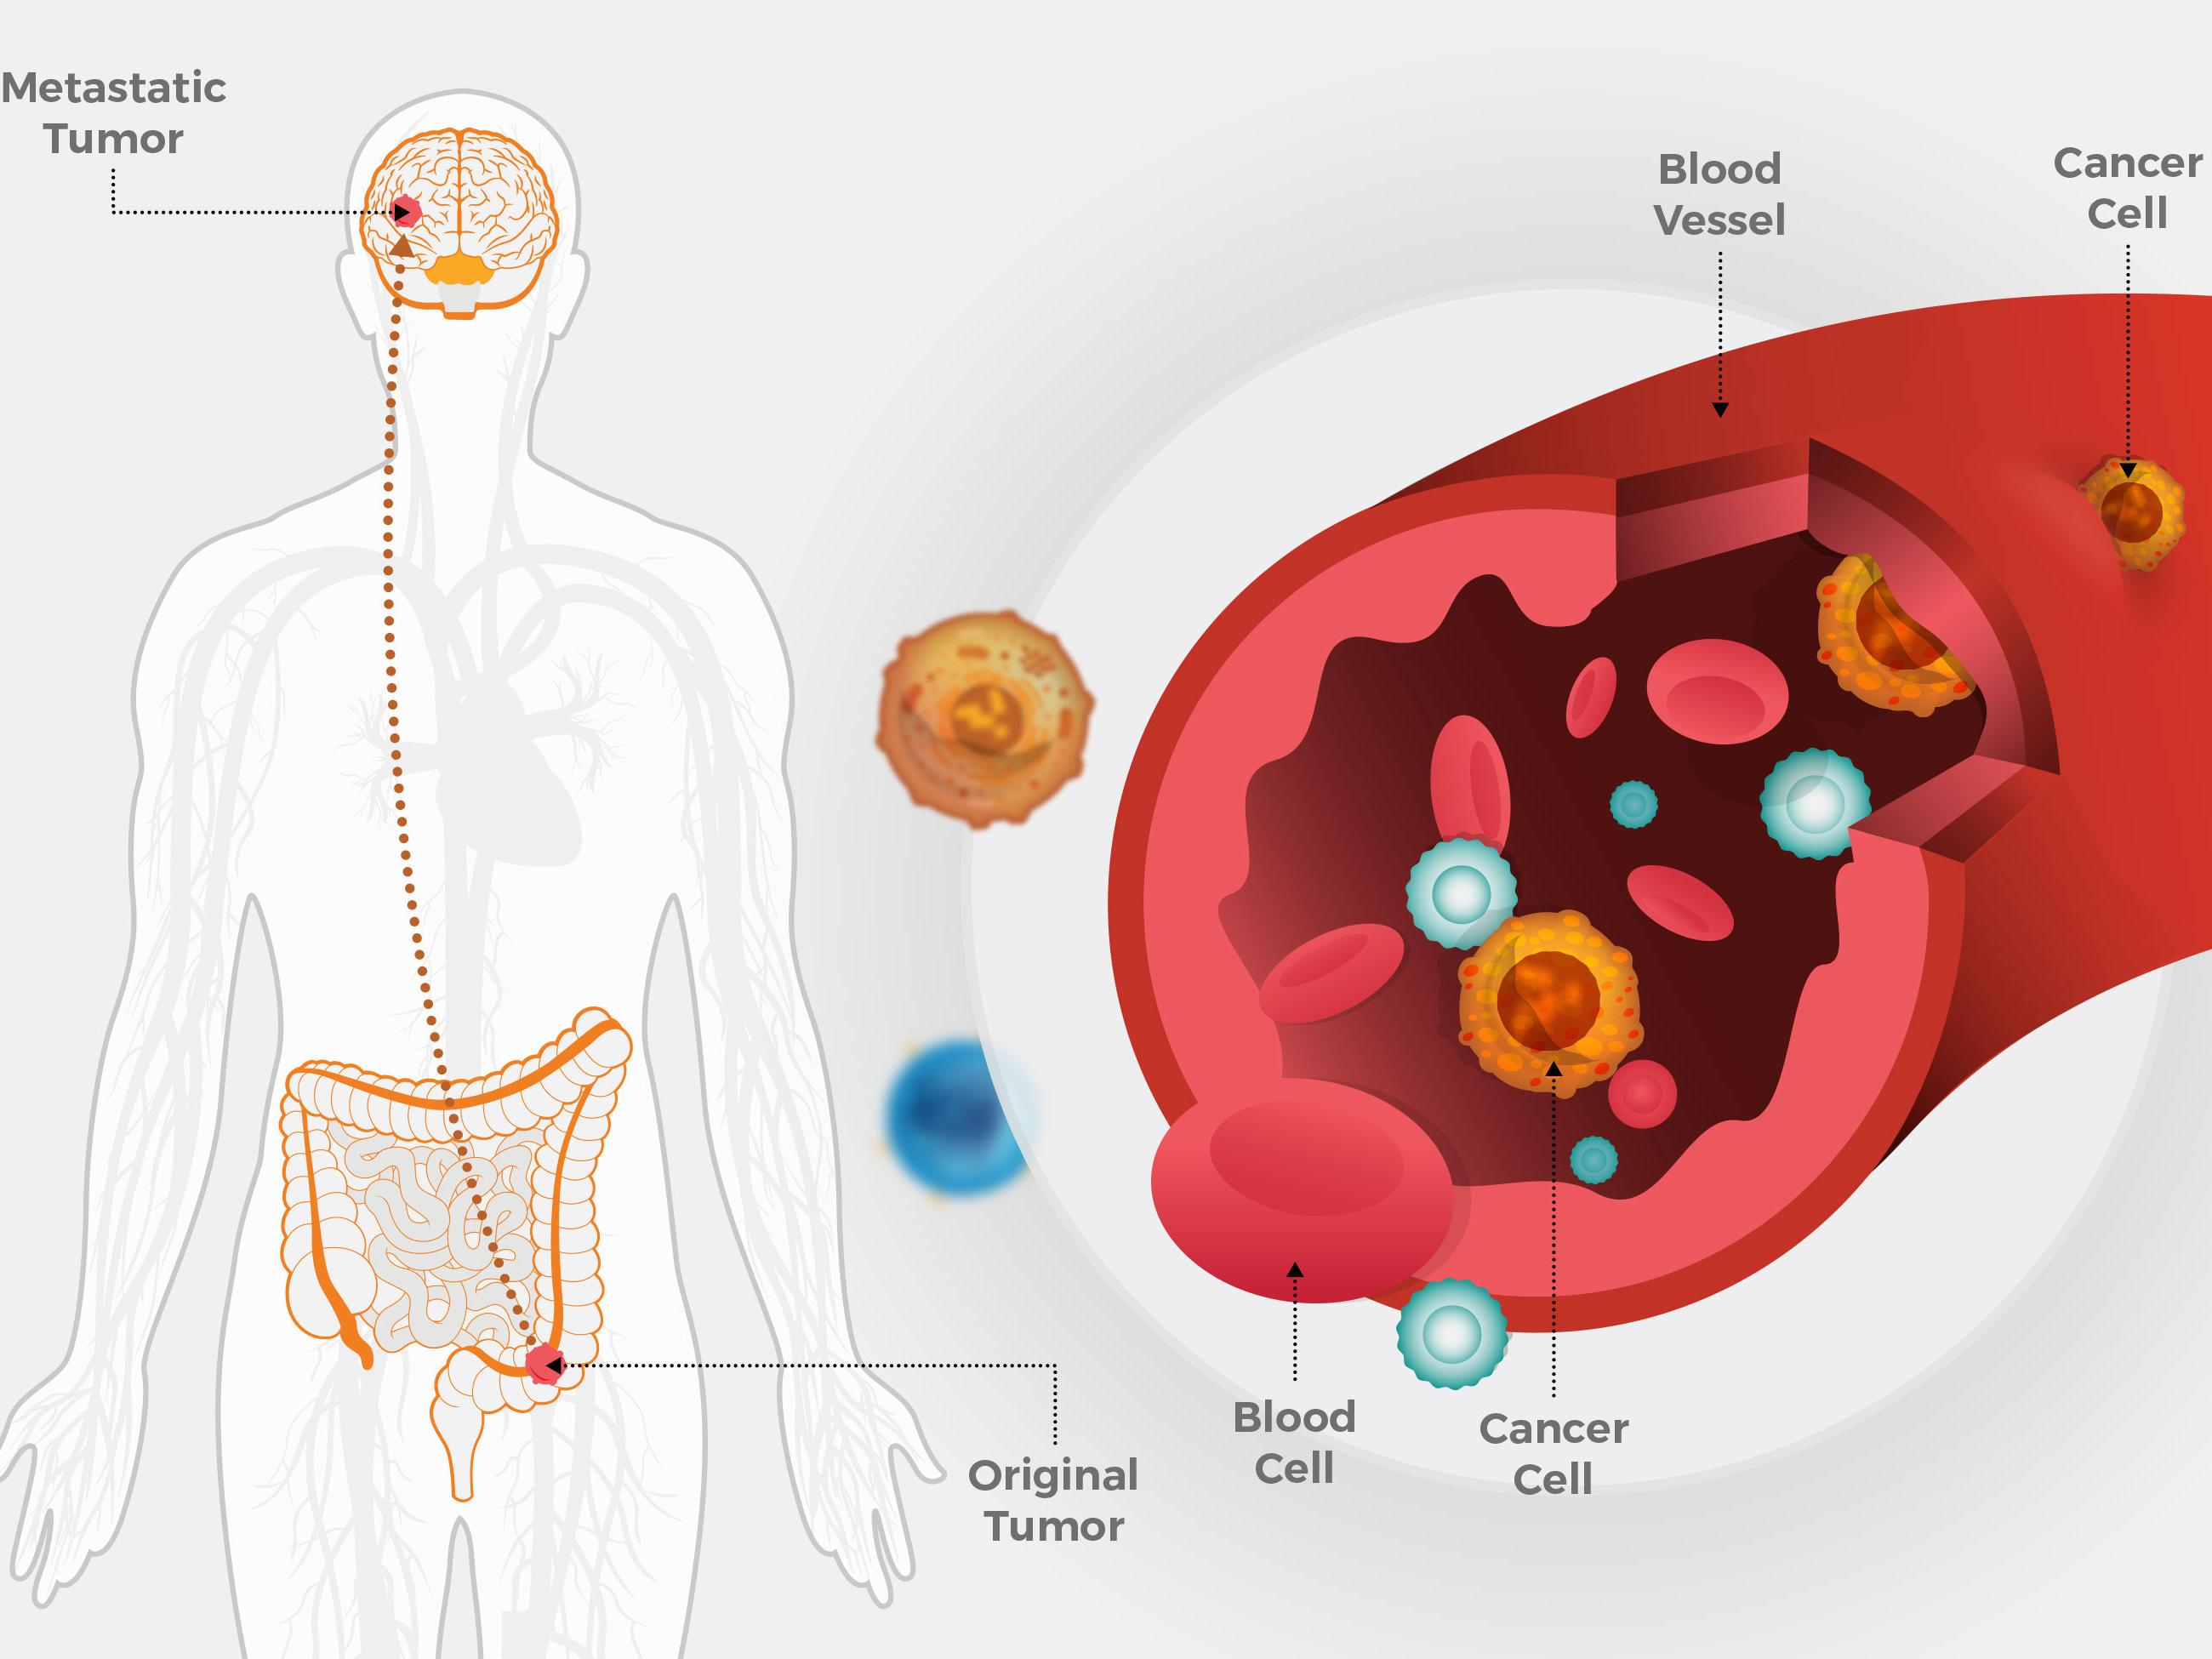 viermisori in scaun la adulti treatment of helminth infection in pregnancy